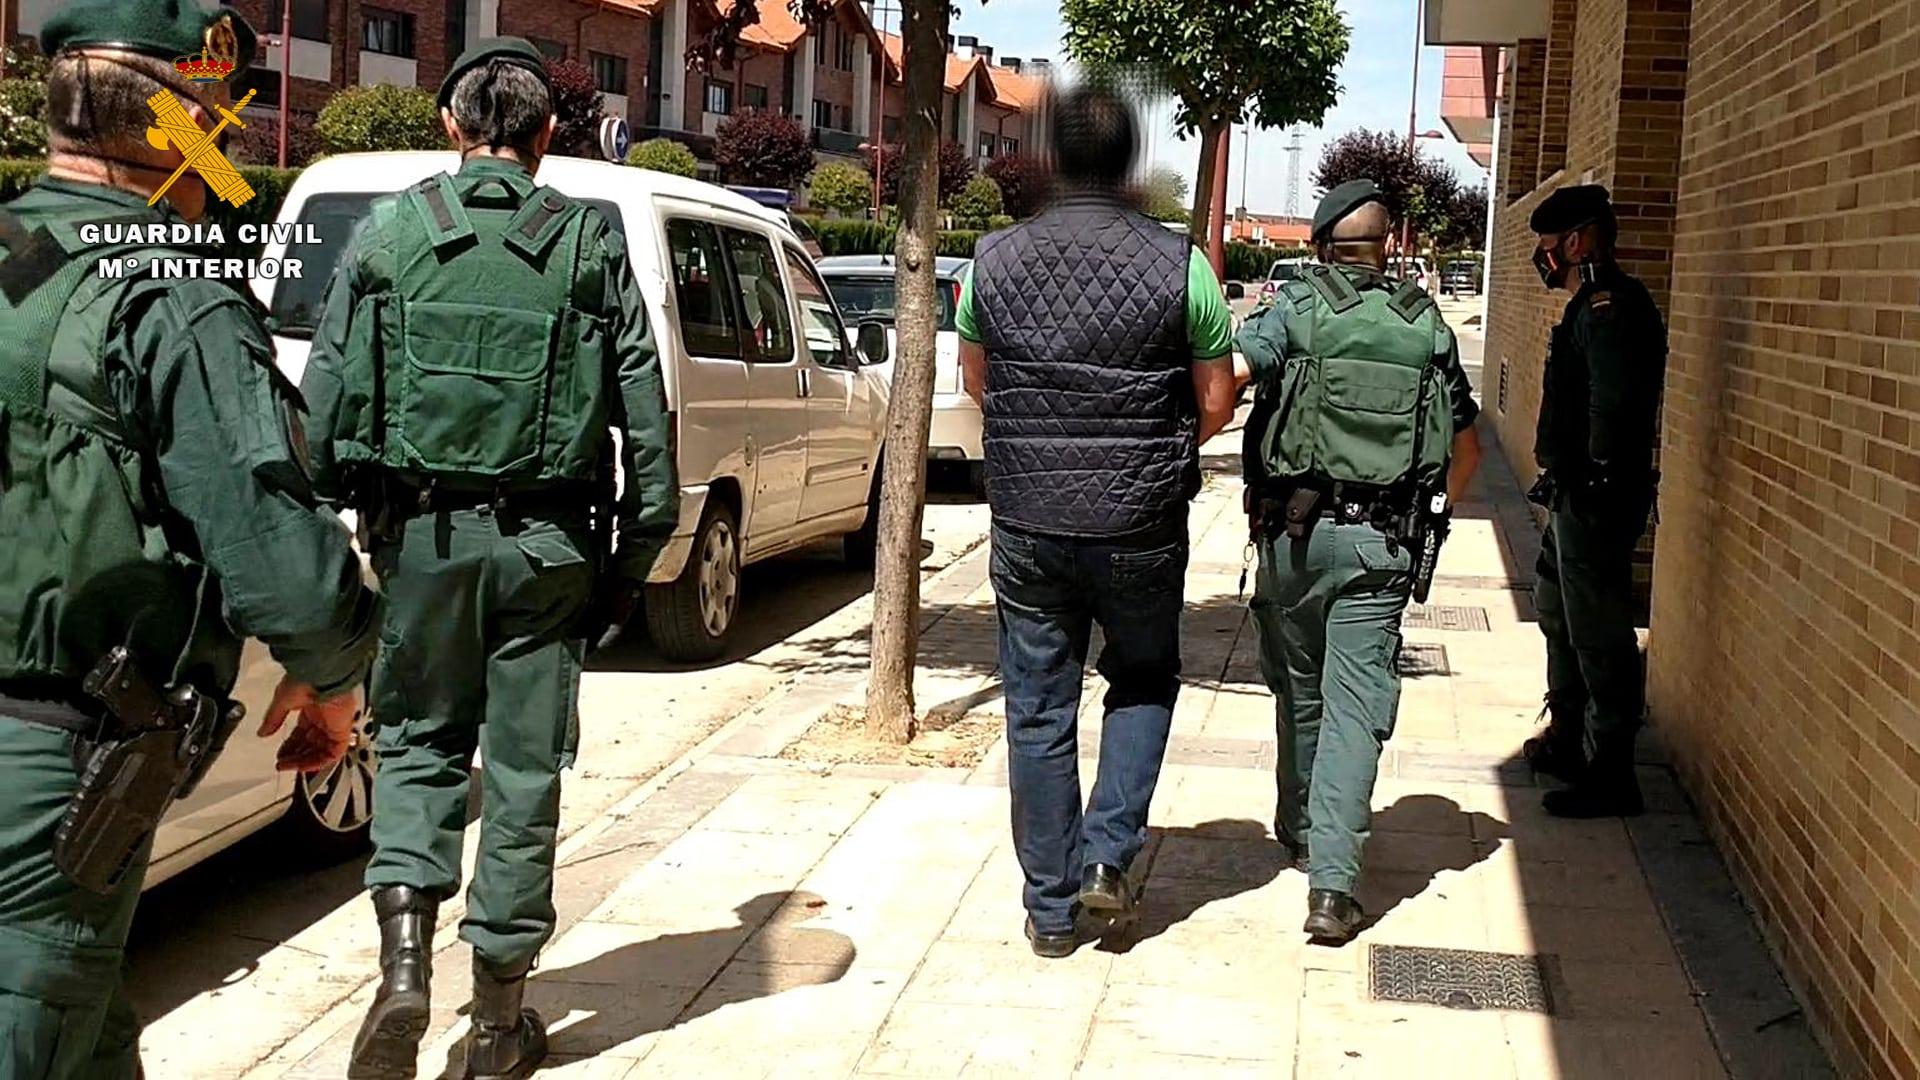 Operación 'Apostaxi': Desmantelada una organización delictiva que elaboraba y distribuía marihuana en La Rioja y Euskadi 14